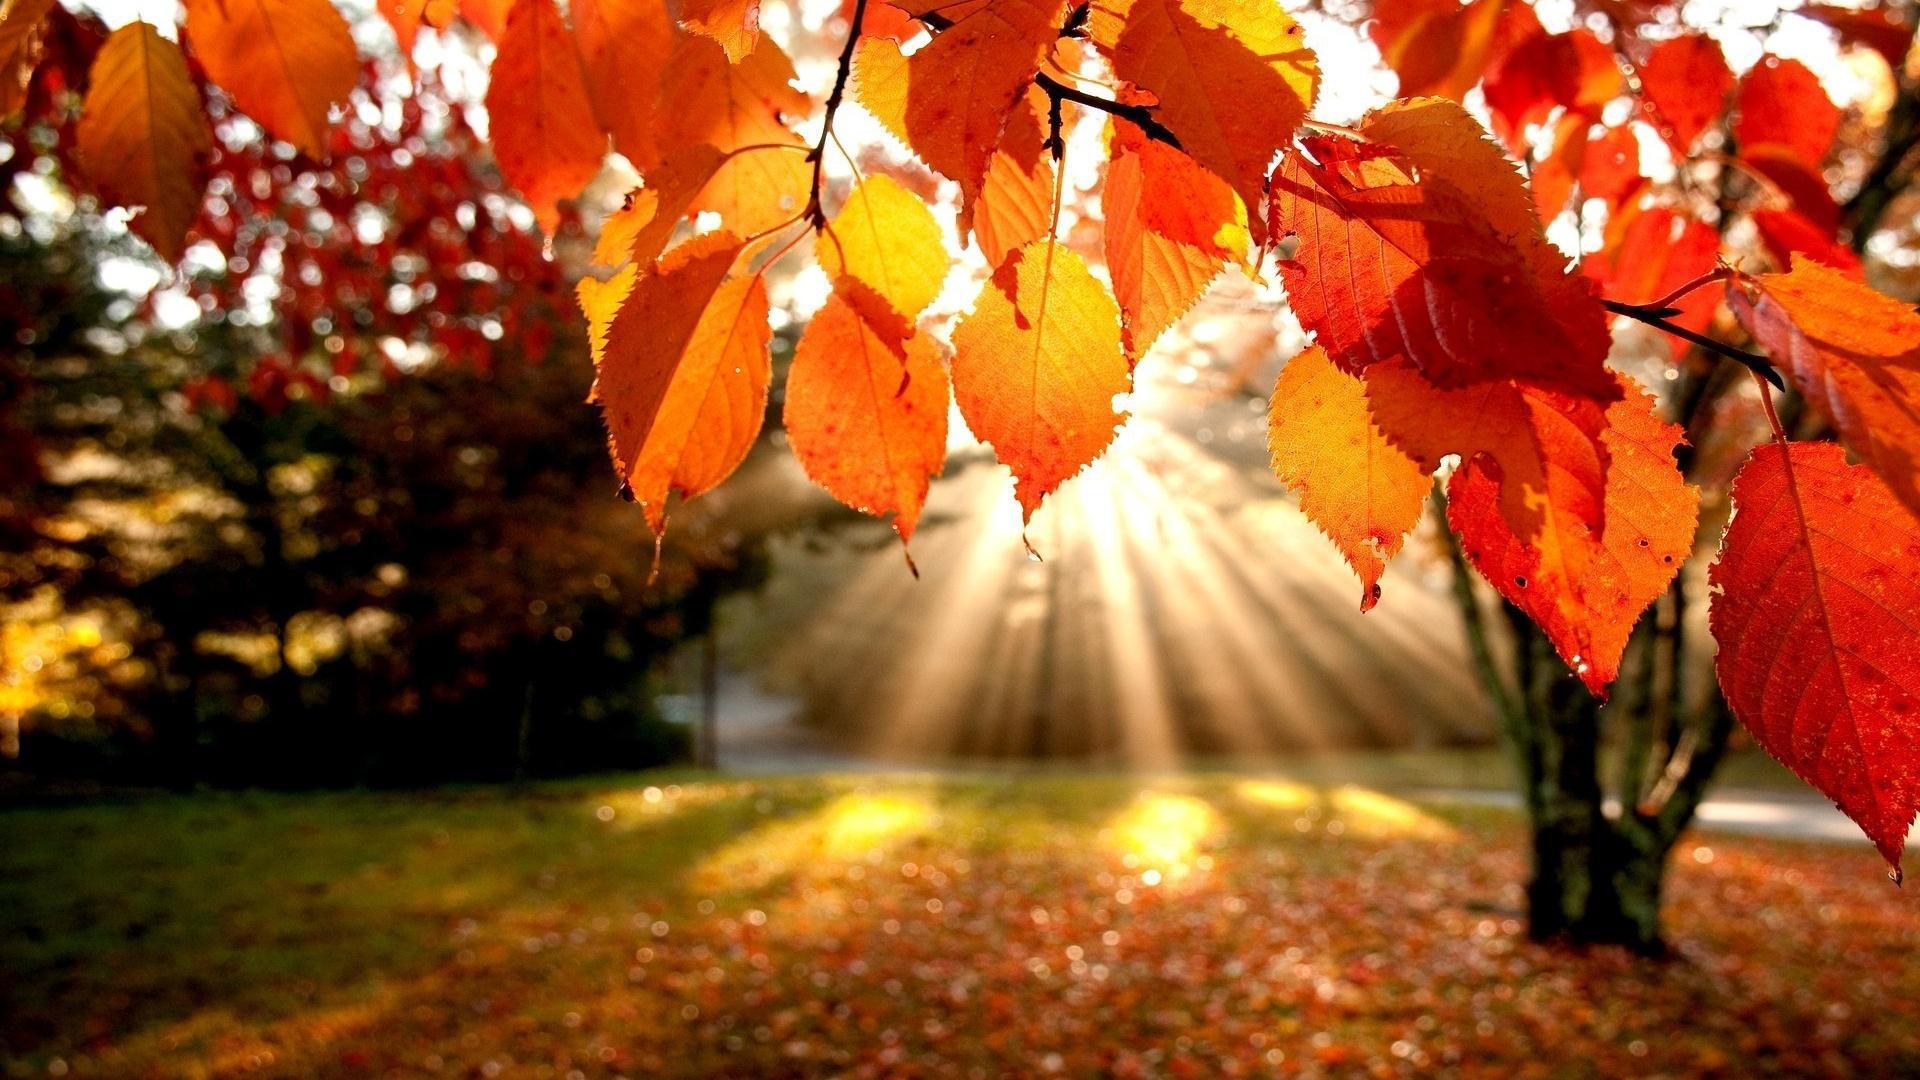 Download Autumn Wallpaper Widescreen Hd Backgrounds